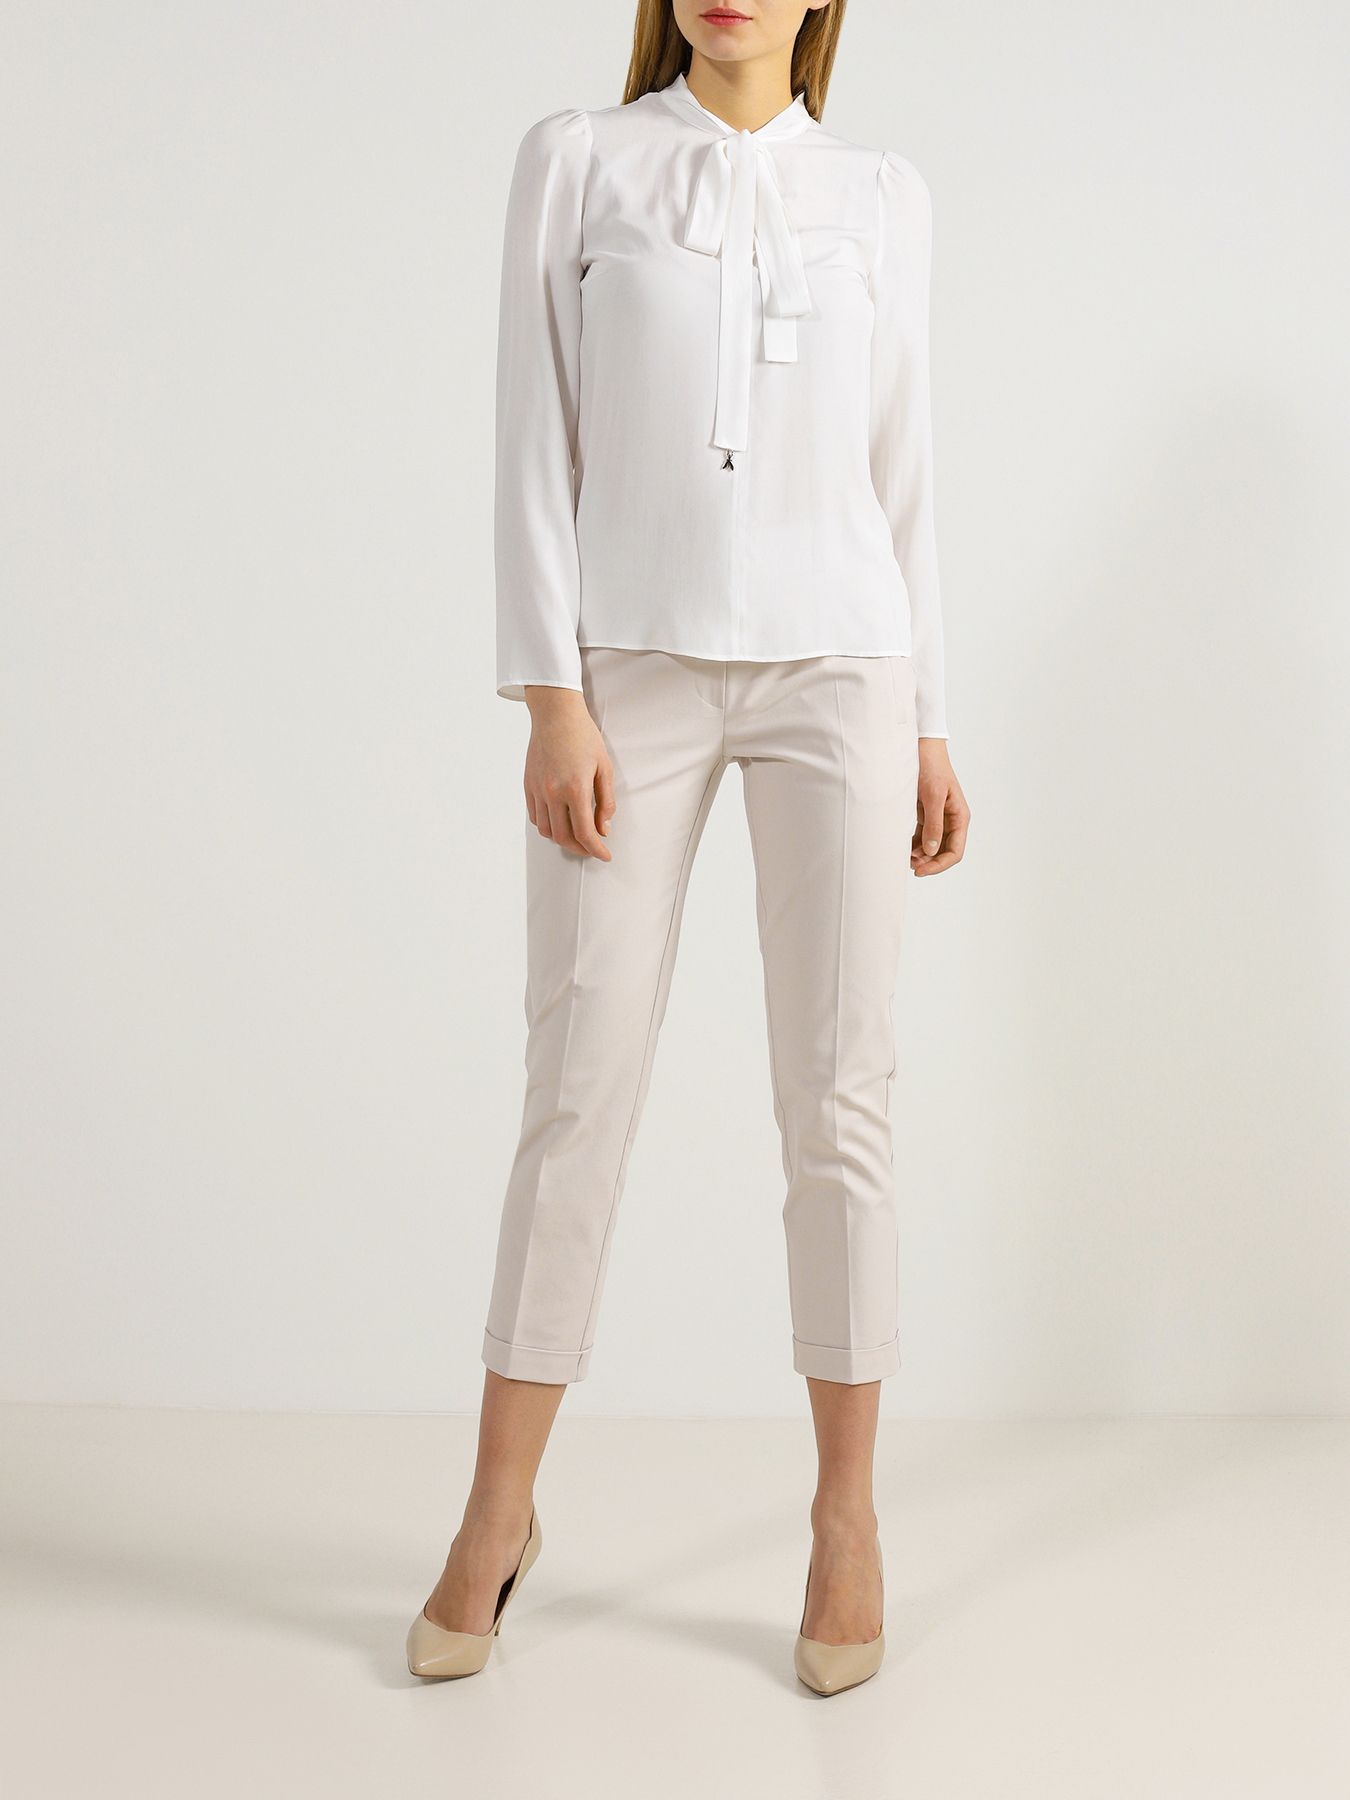 Блуза Patrizia Pepe Блузка с бантом bonpoint бархатный ремень с бантом ecnoeud